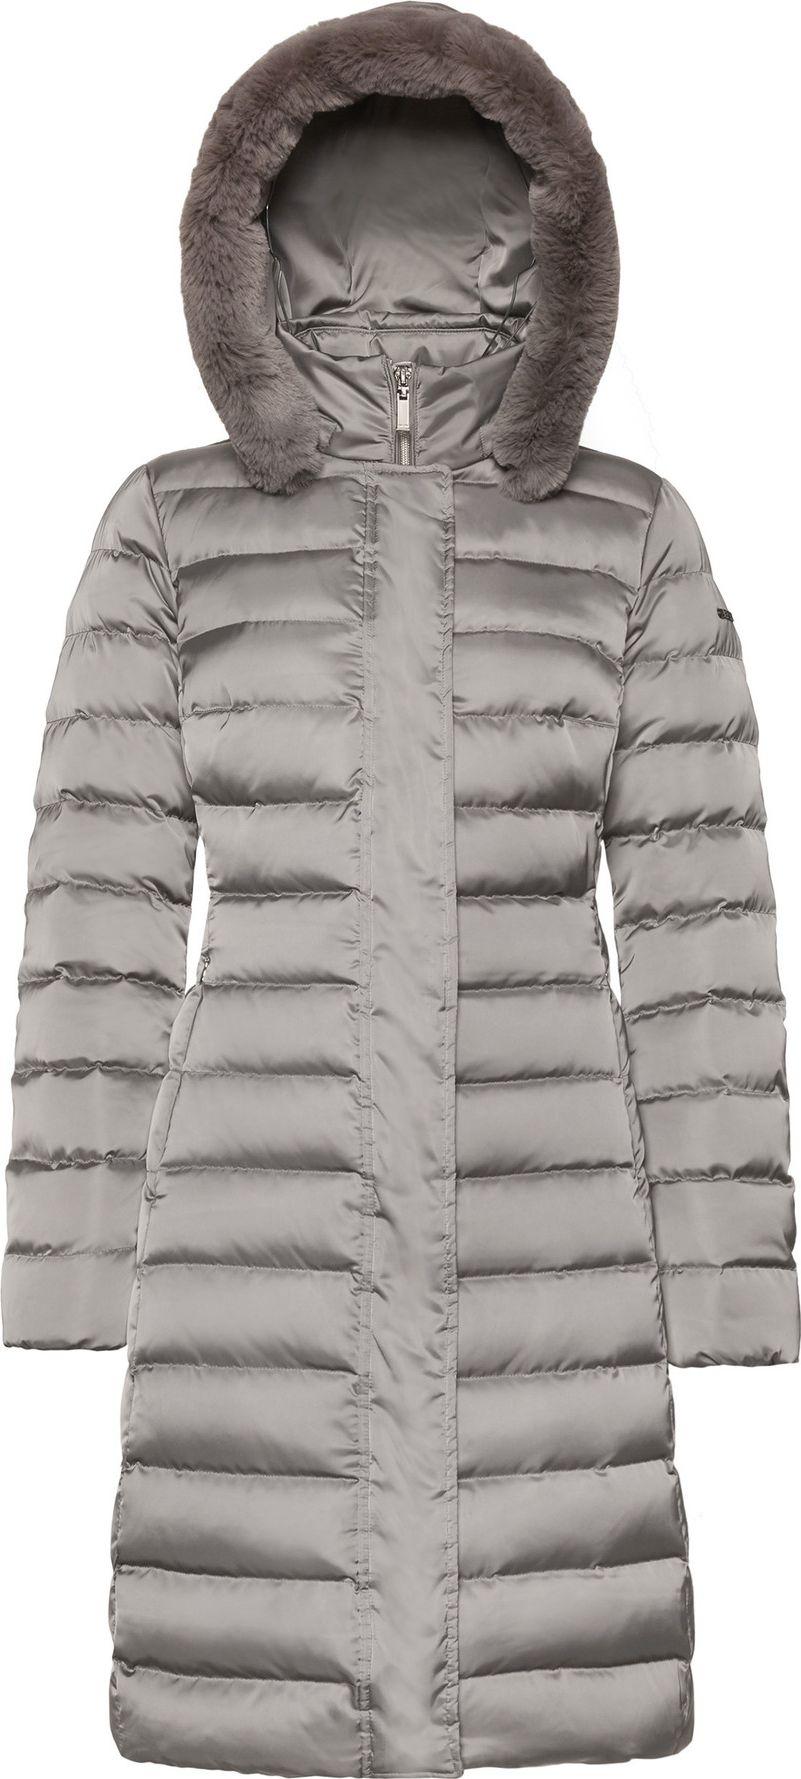 GEOX Bettanie Long Jacket W1425HT2655 Grey F1479 EU40